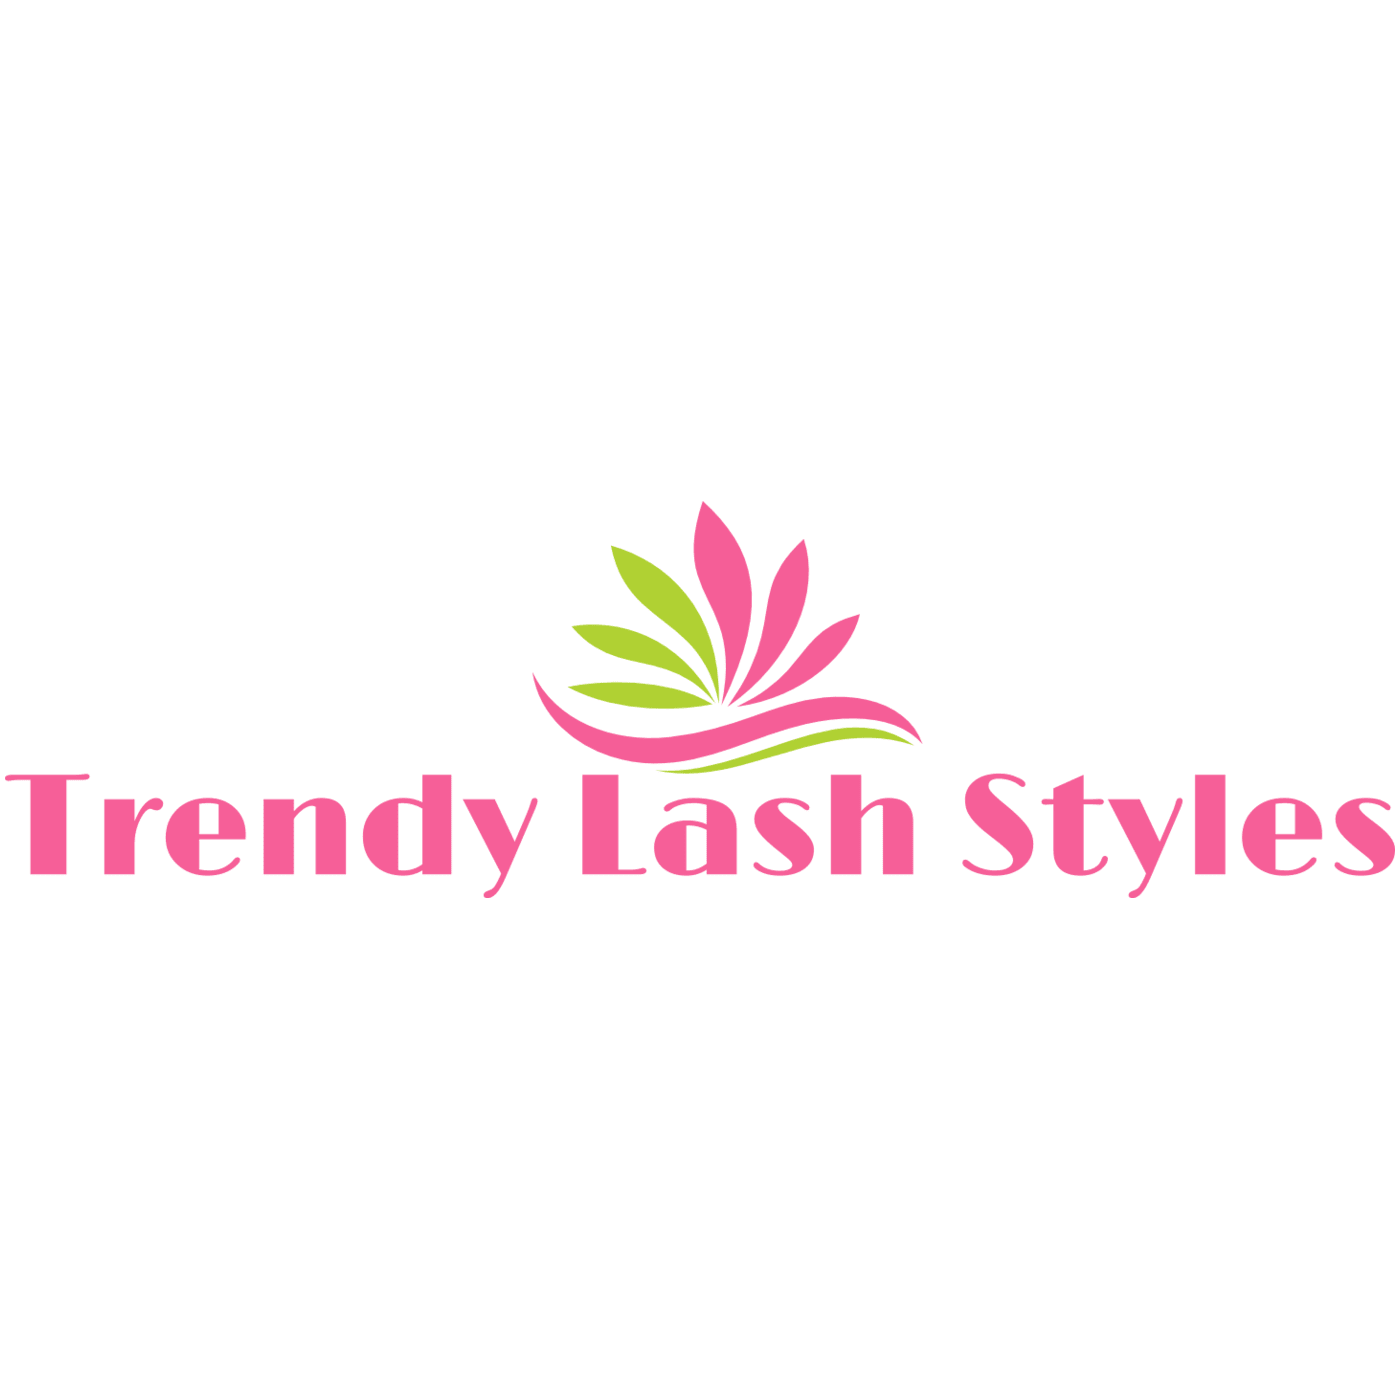 Trendy Lash Styles image 0